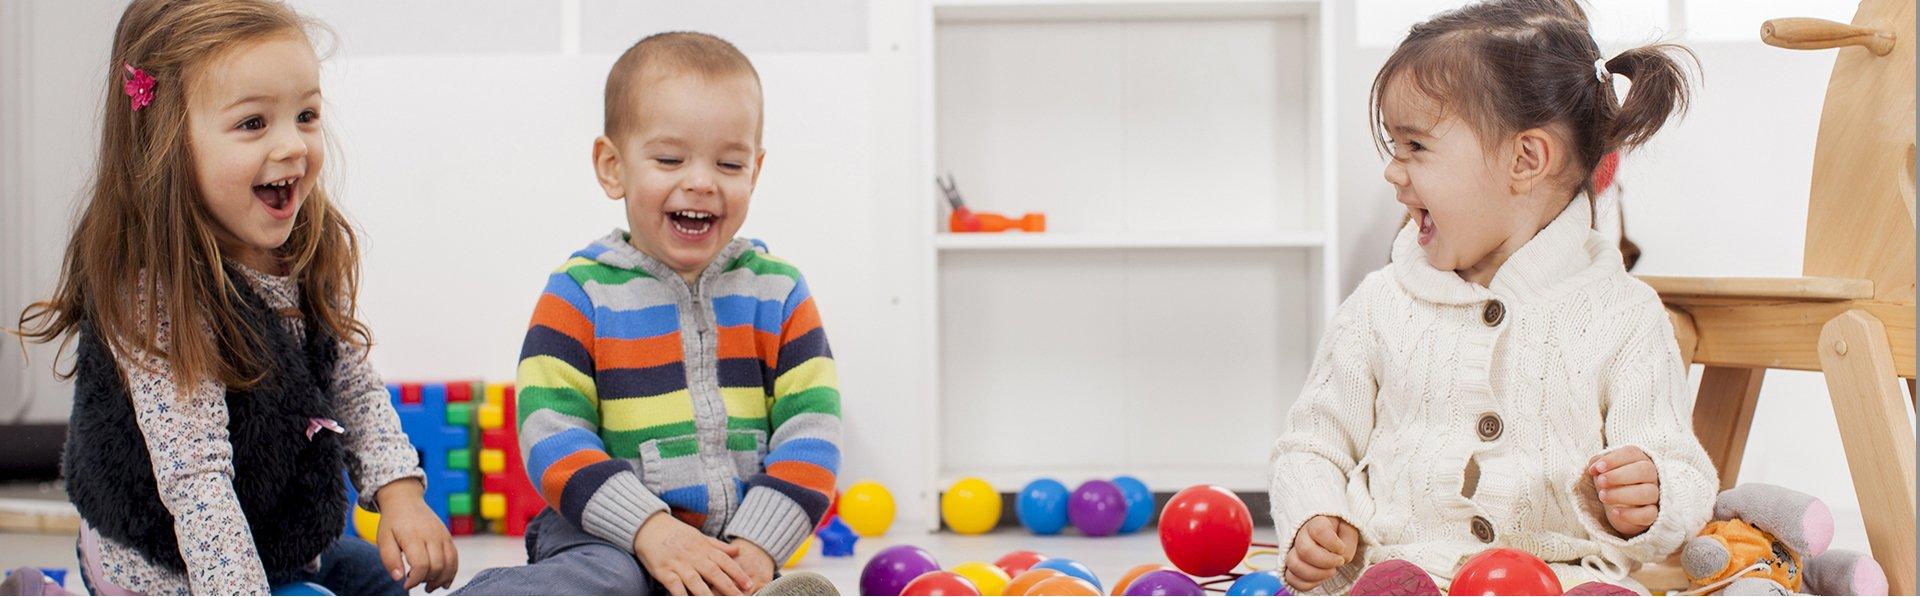 11 zorgzame en pedagogische kinderdagverblijven